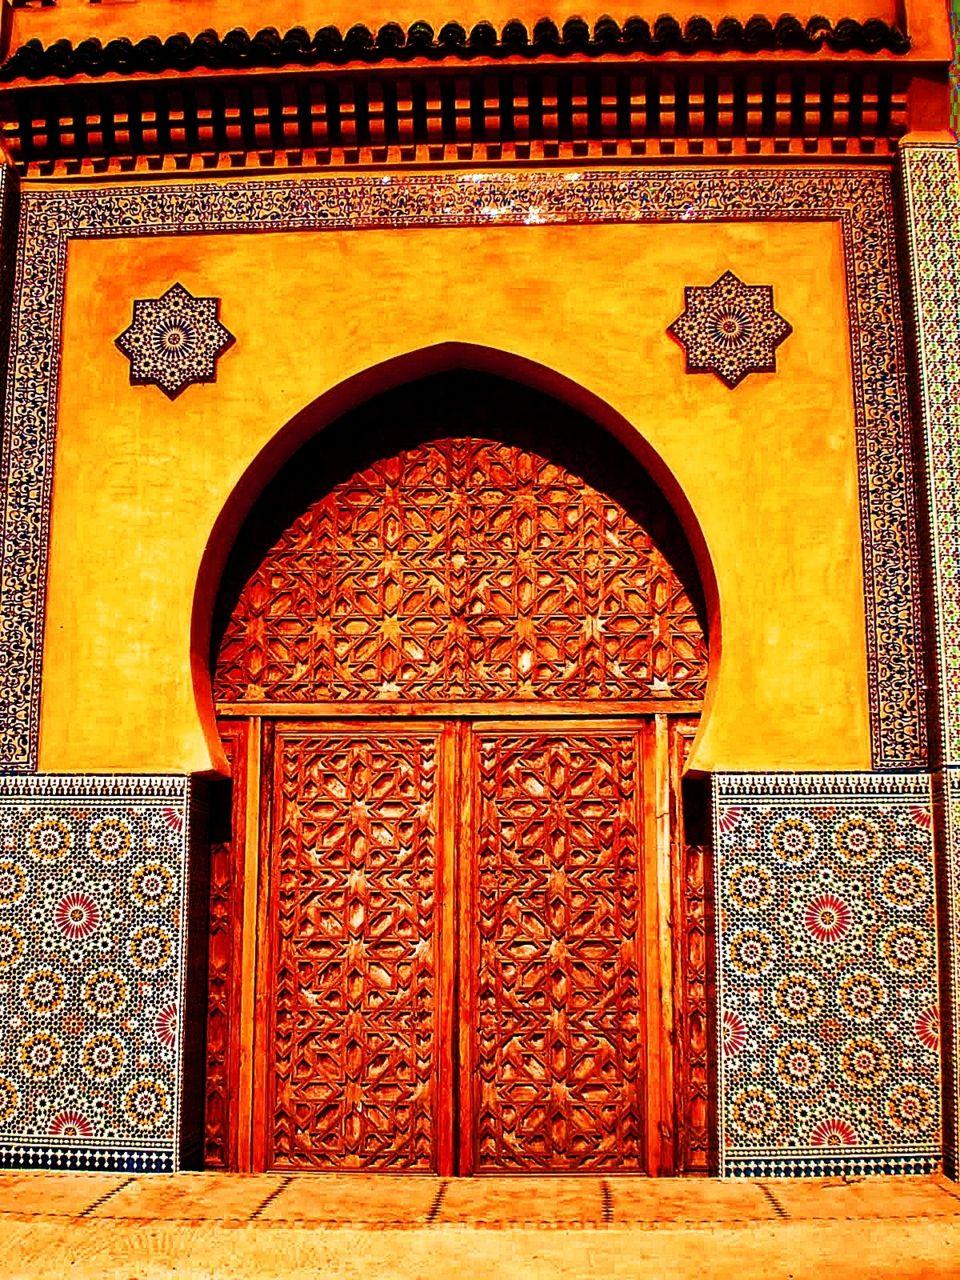 Arquitetura islâmica no Marrocos. Fotografia: baza-r.